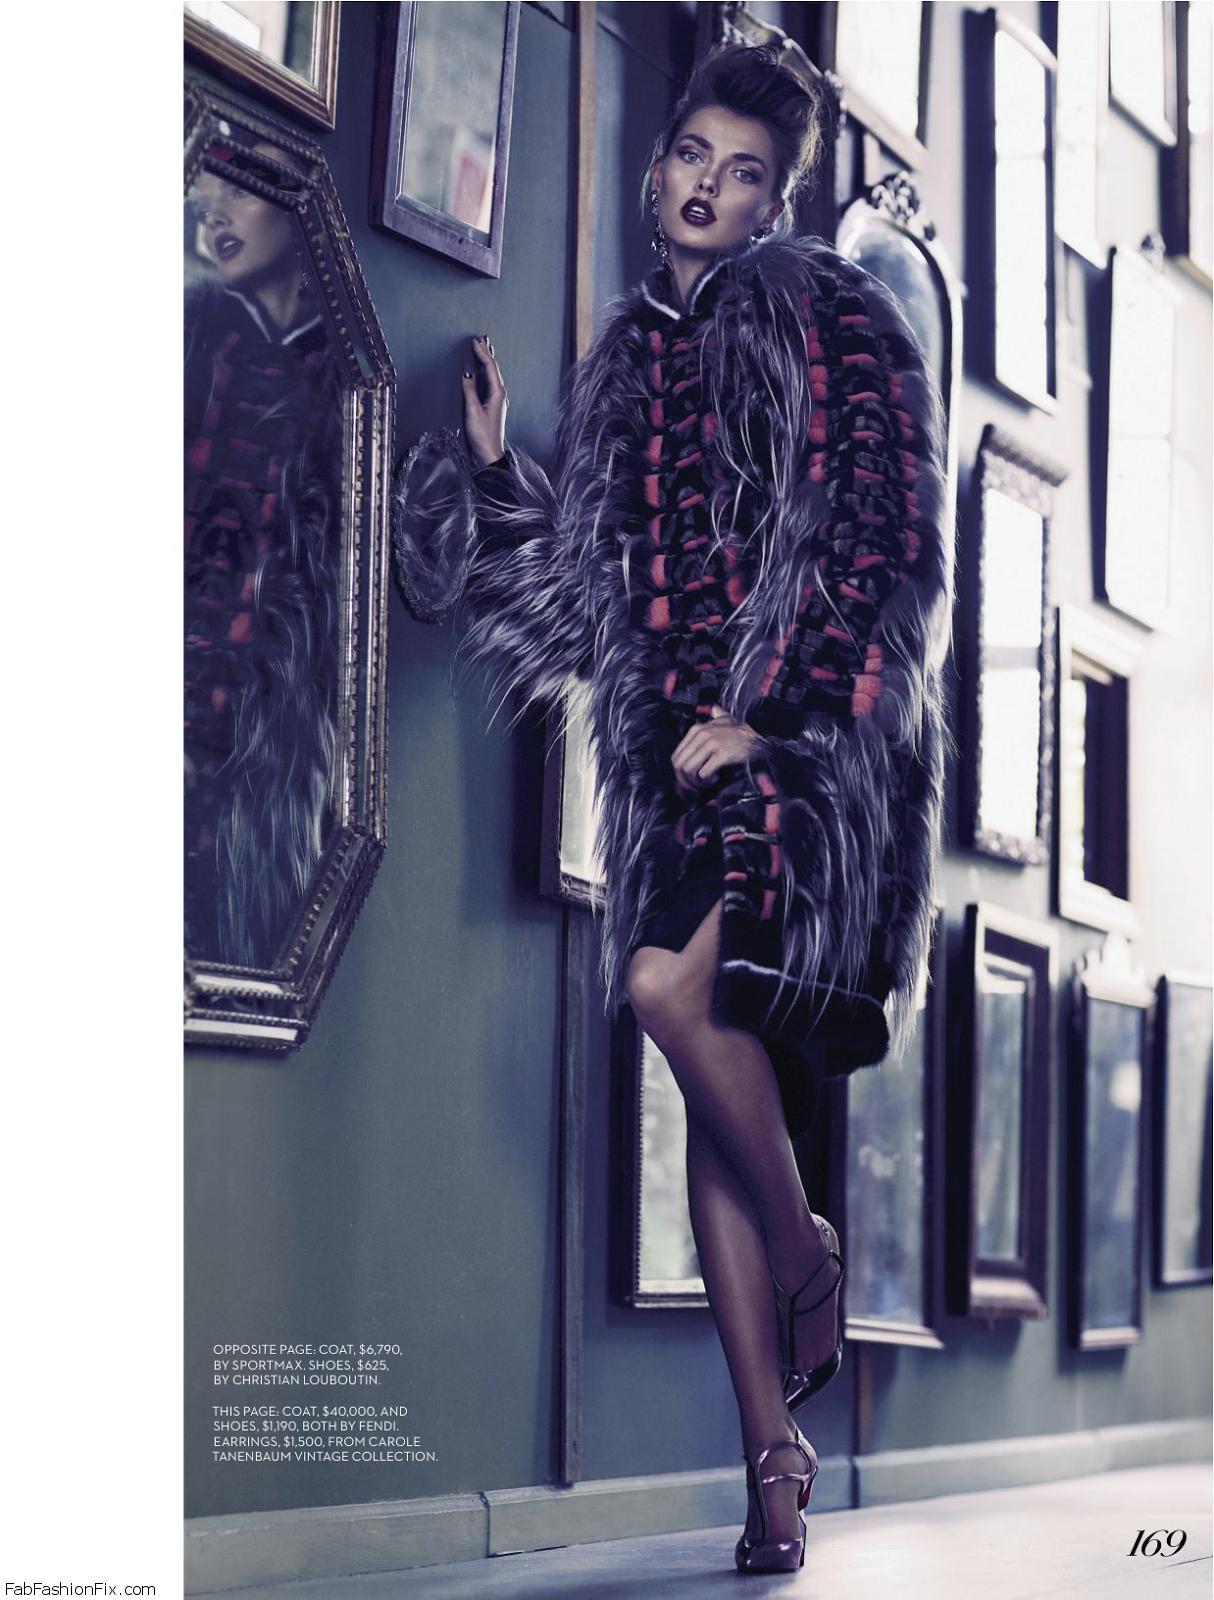 Fashion_2013_11 (dragged) 1